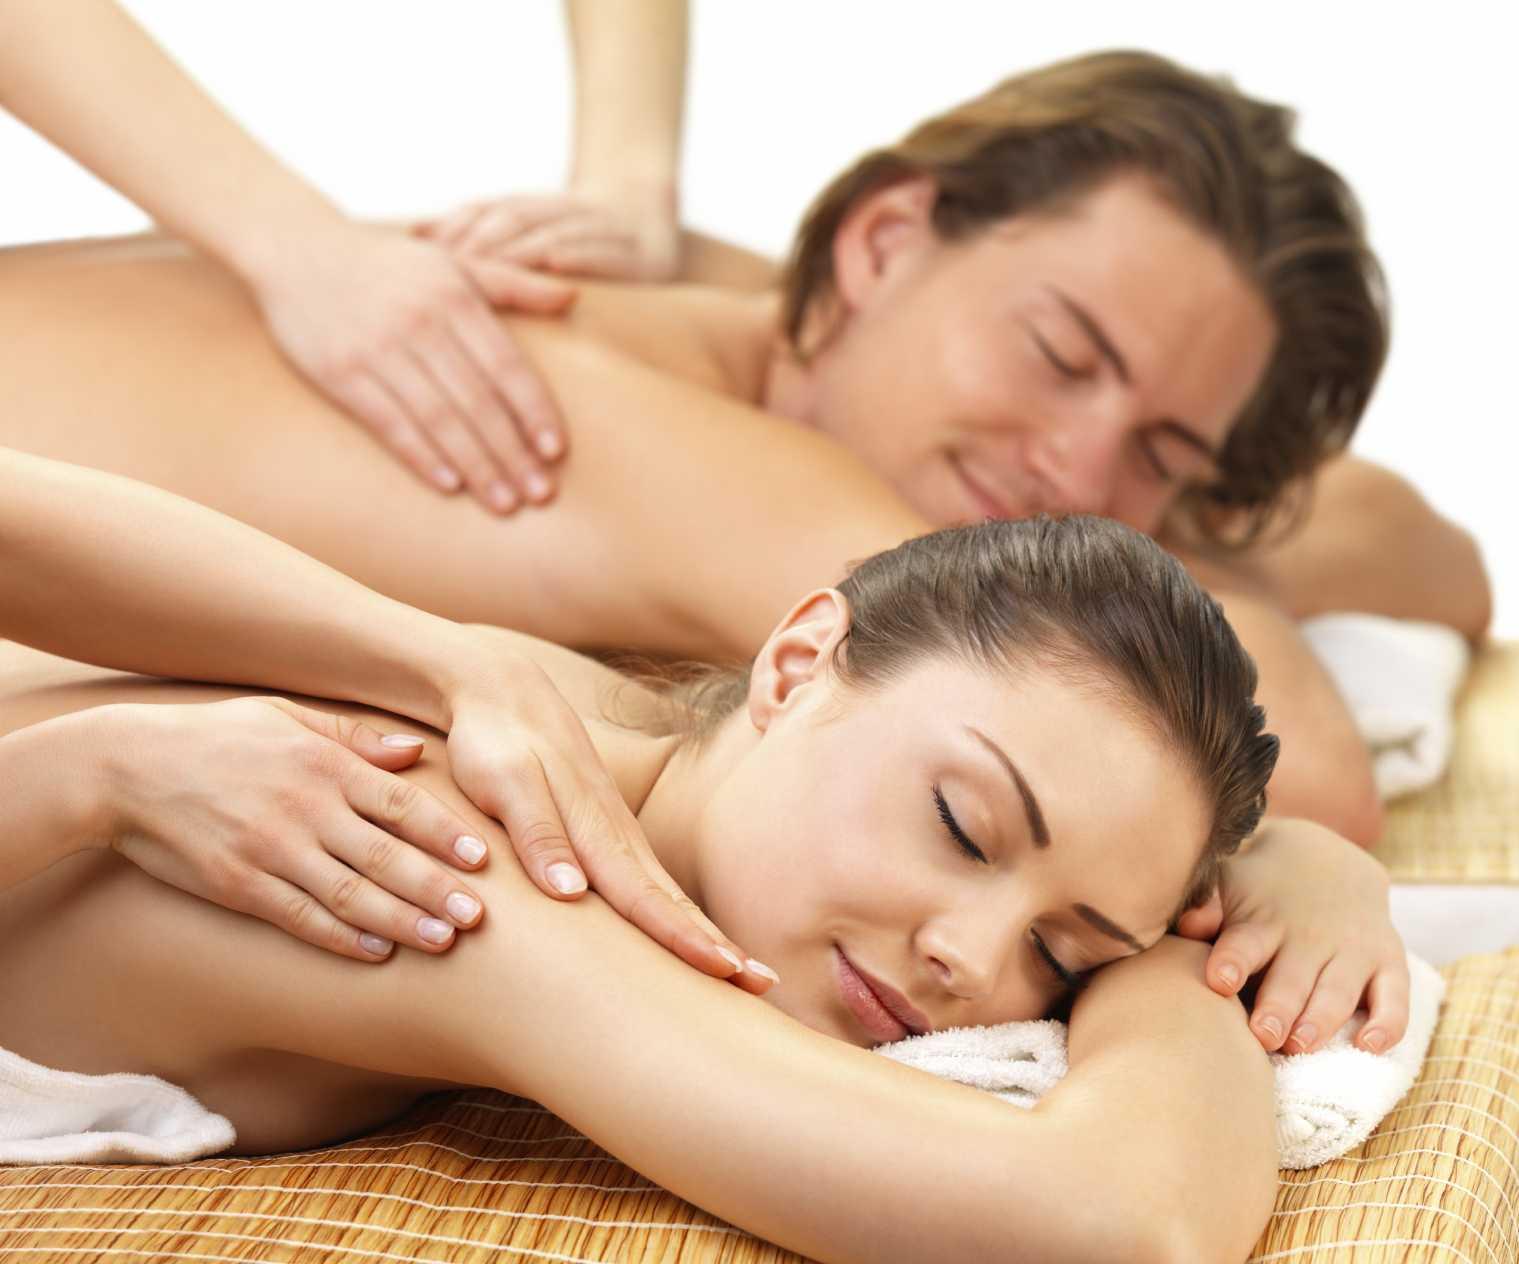 Симферополь тайский масаж 19 фотография